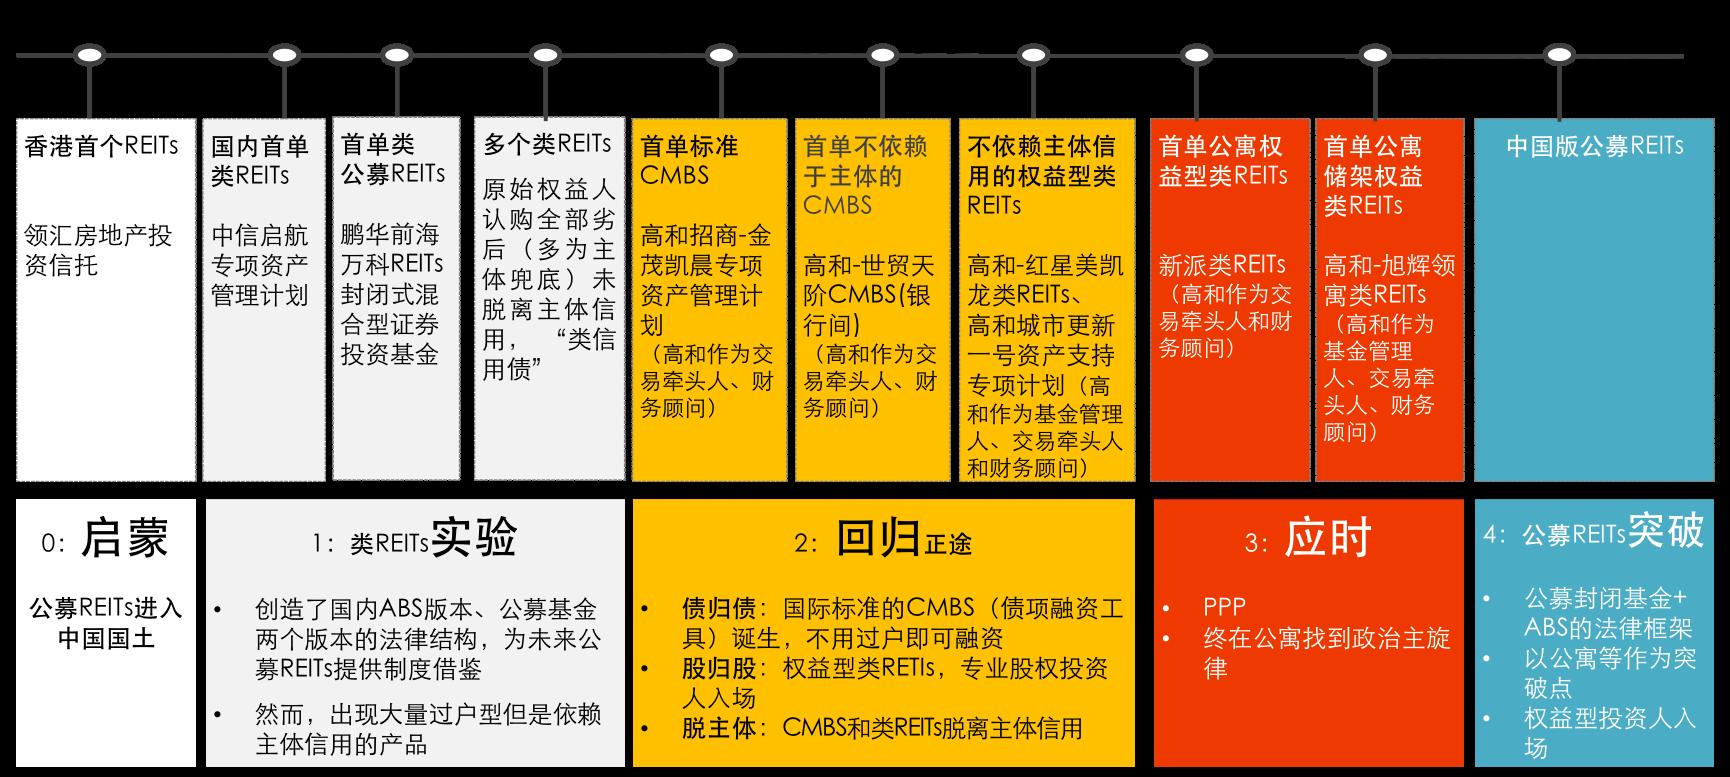 高和资本:城市更新下的量变与质变-中国网地产